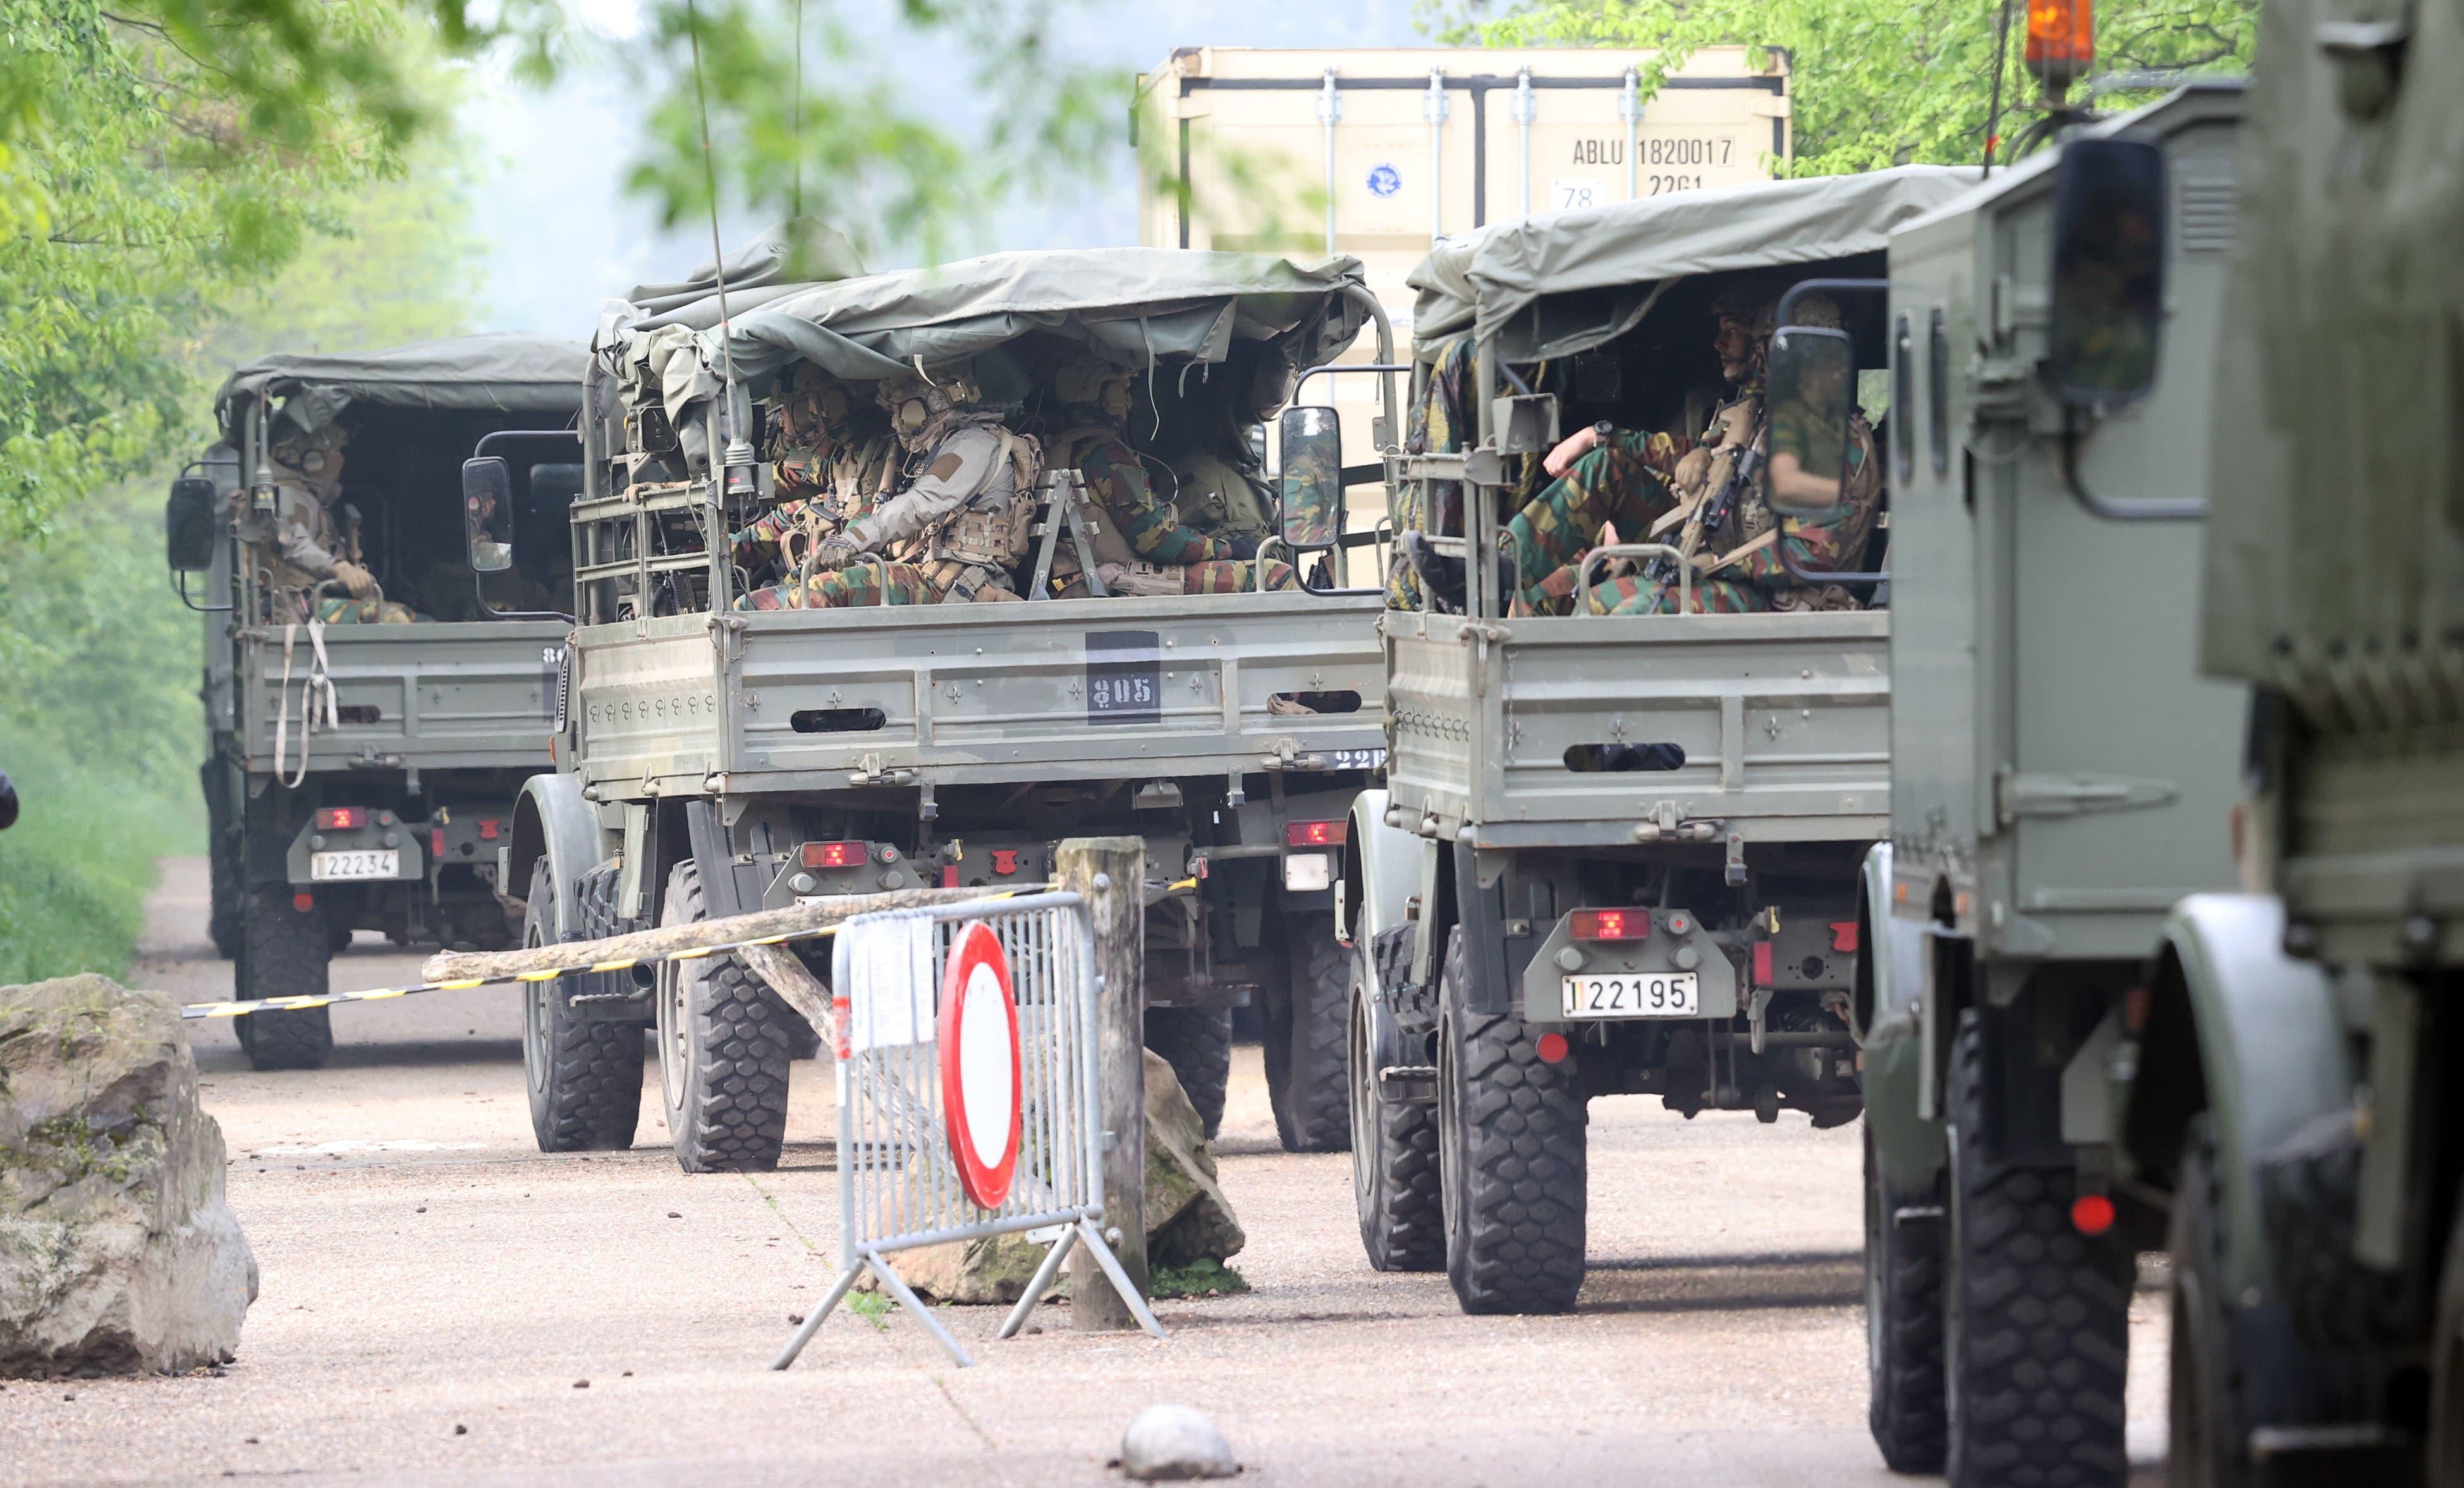 Rund 400 Einsatzkräfte suchen nach Jürgen Conings